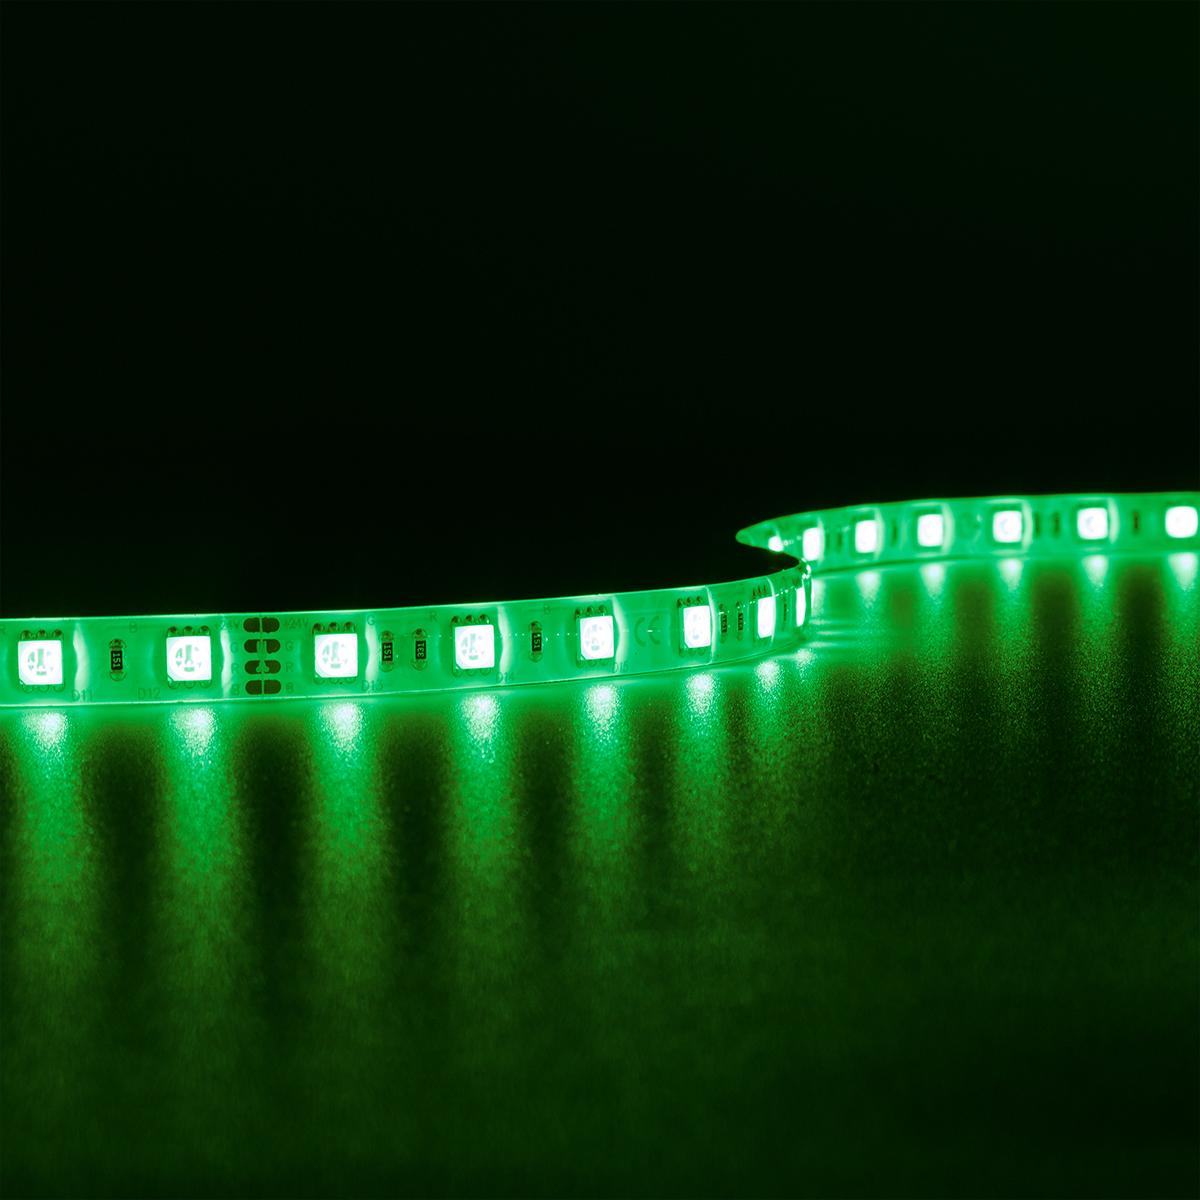 Strip RGB 24V LED Streifen 5M 14,4W/m 60LED/m 10mm IP65 Farbwechsel